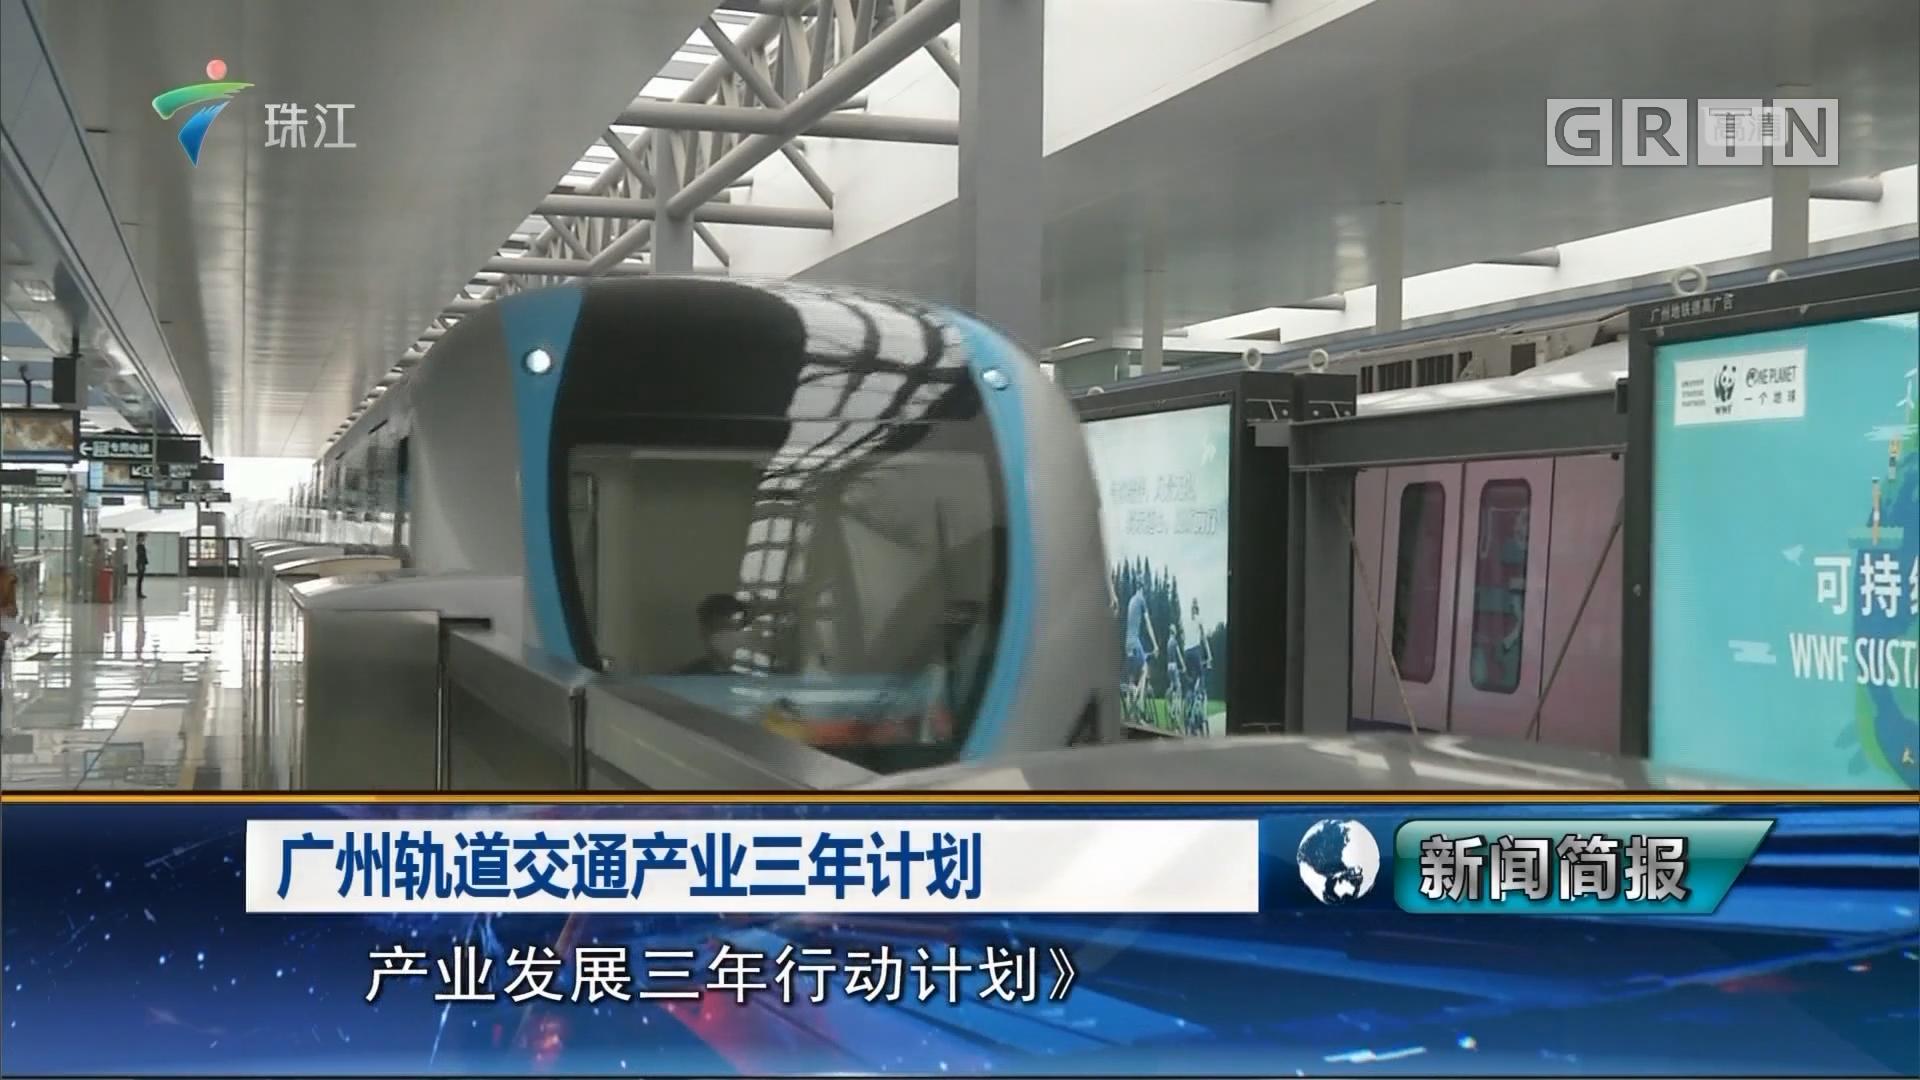 广州轨道交通产业三年计划